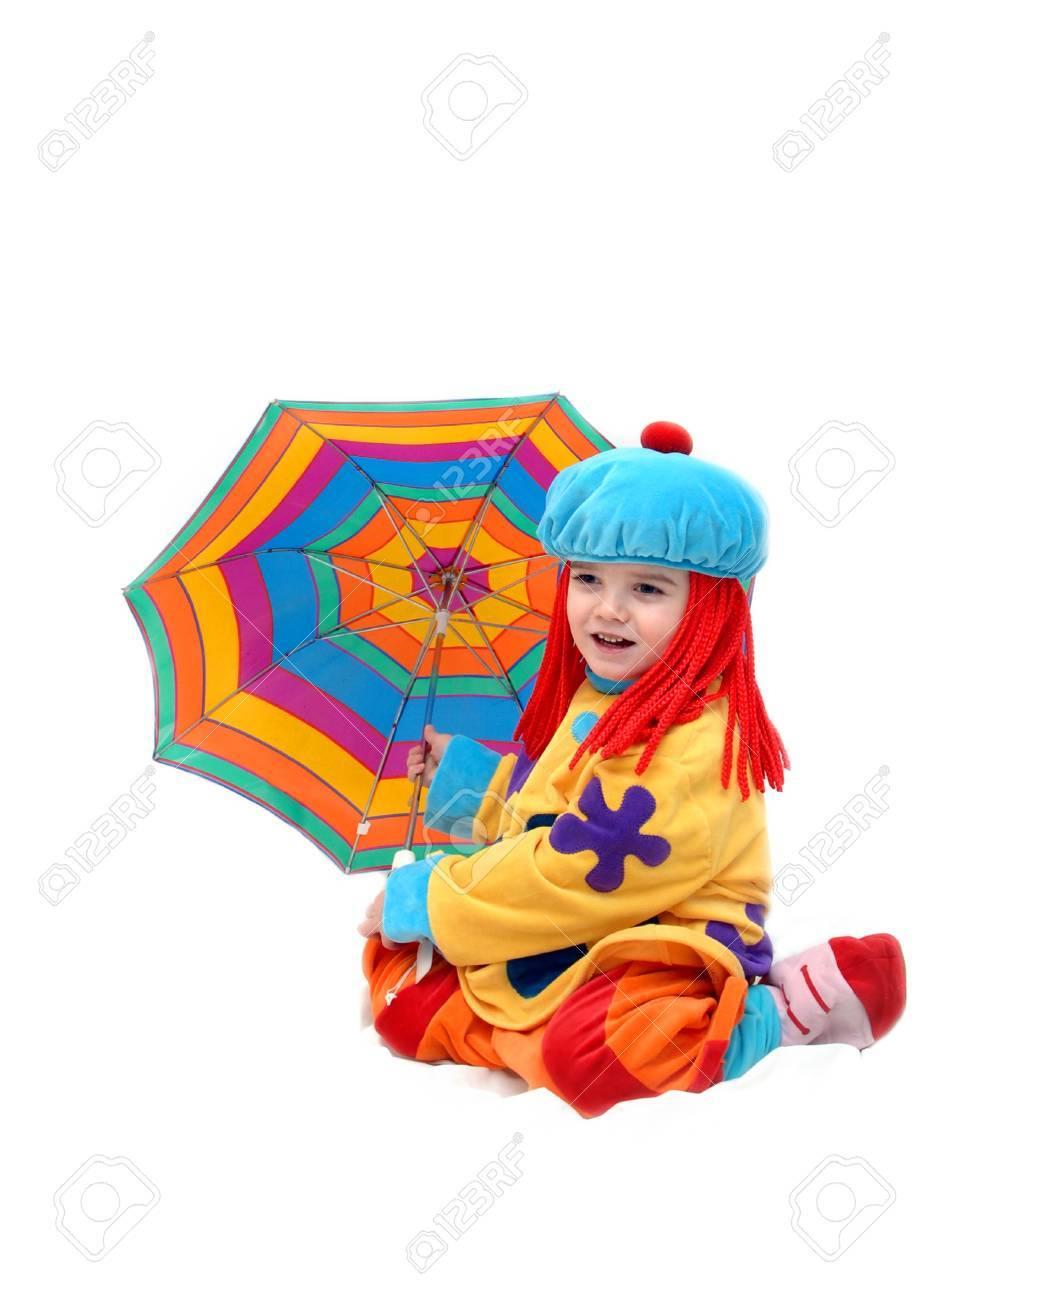 Kleiner Junge Spielt Gerne Clown Für Den Tag Er Hat Regenschirm In